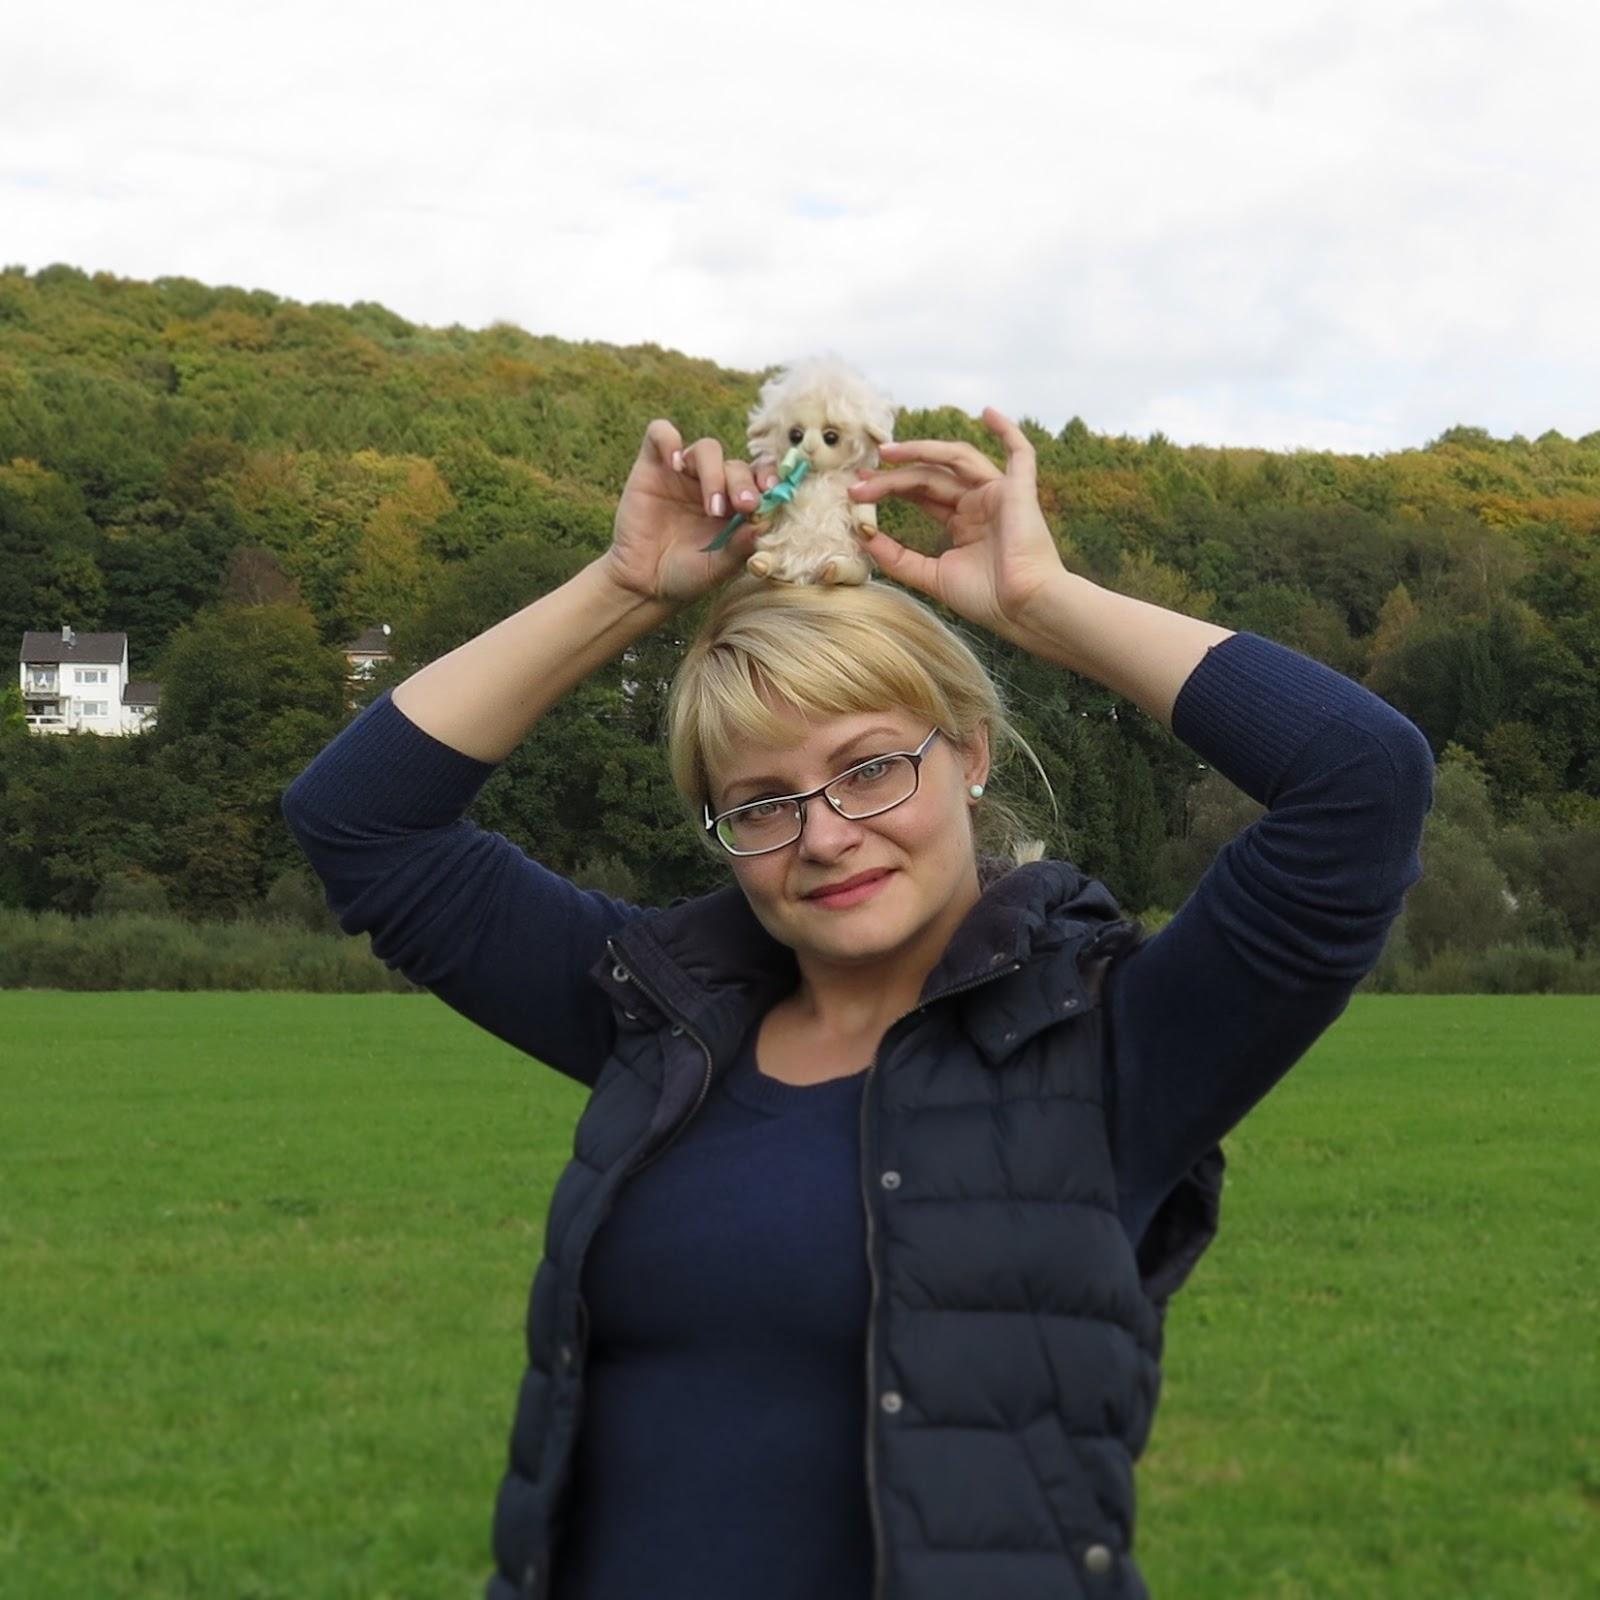 Лена Немцева с овечкой от Анжелики Сидоренко